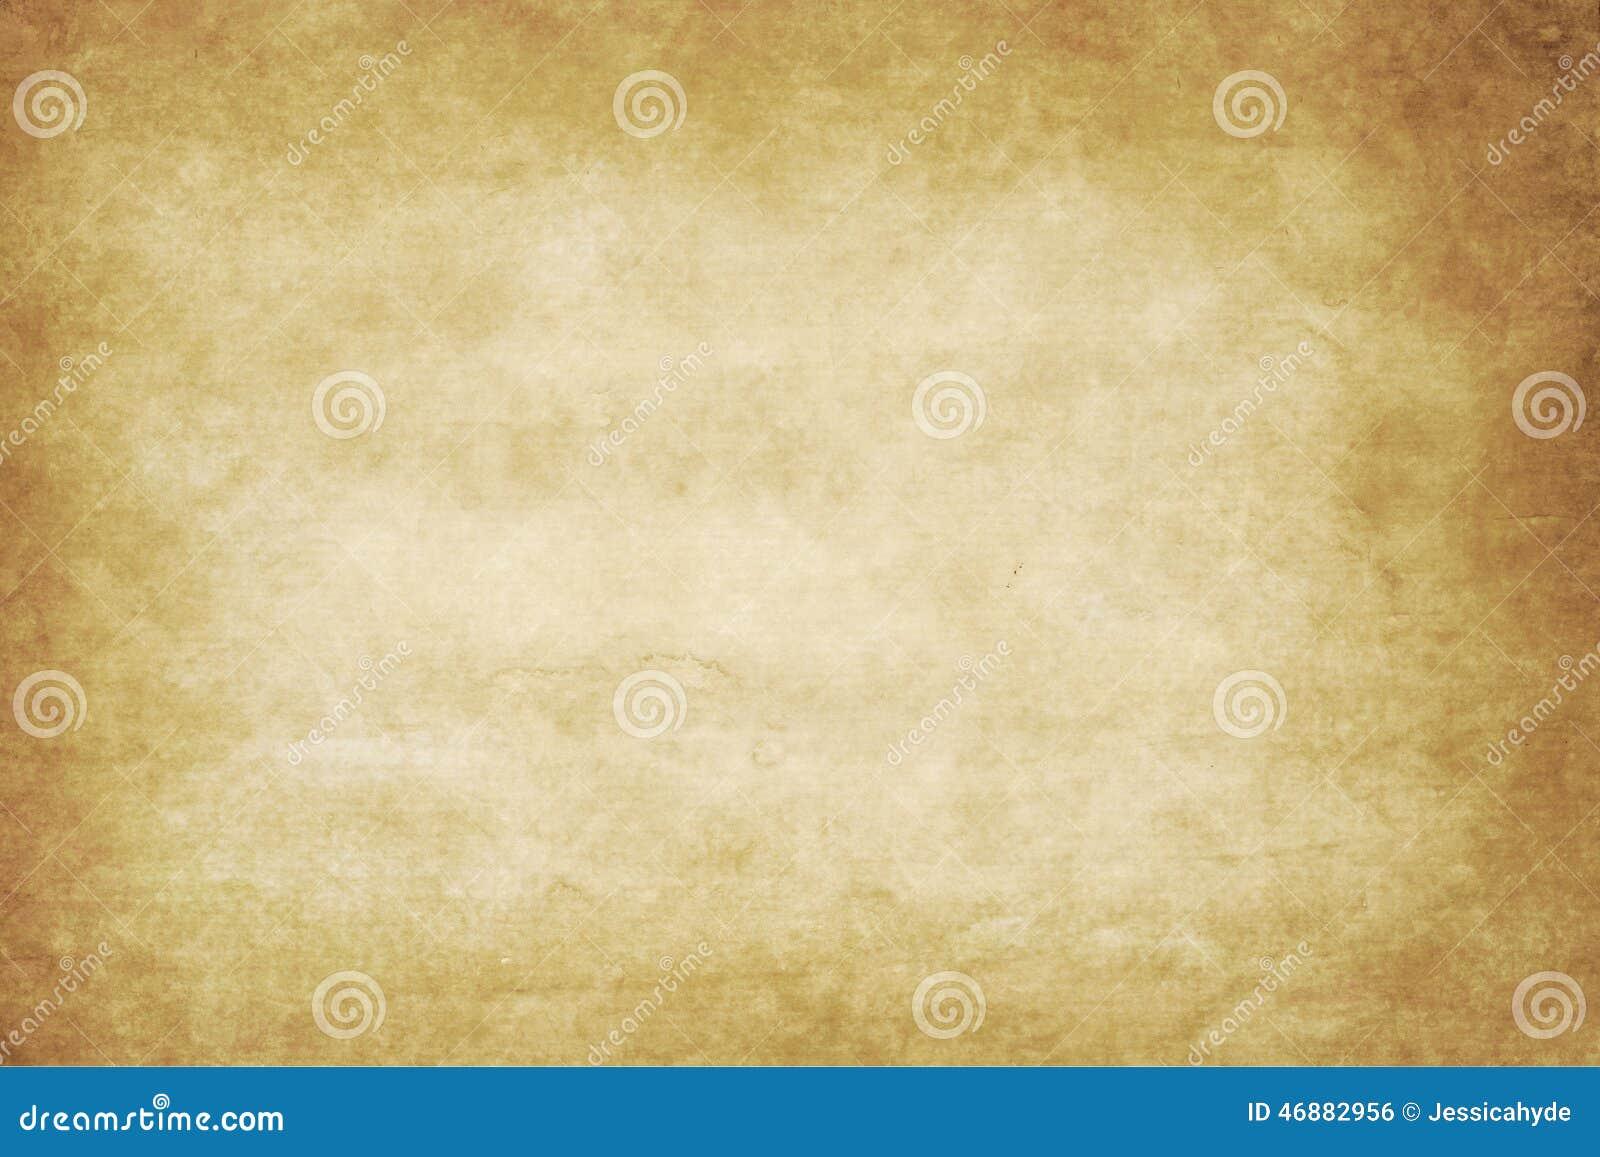 Oude document textuur of achtergrond met donker vignet B